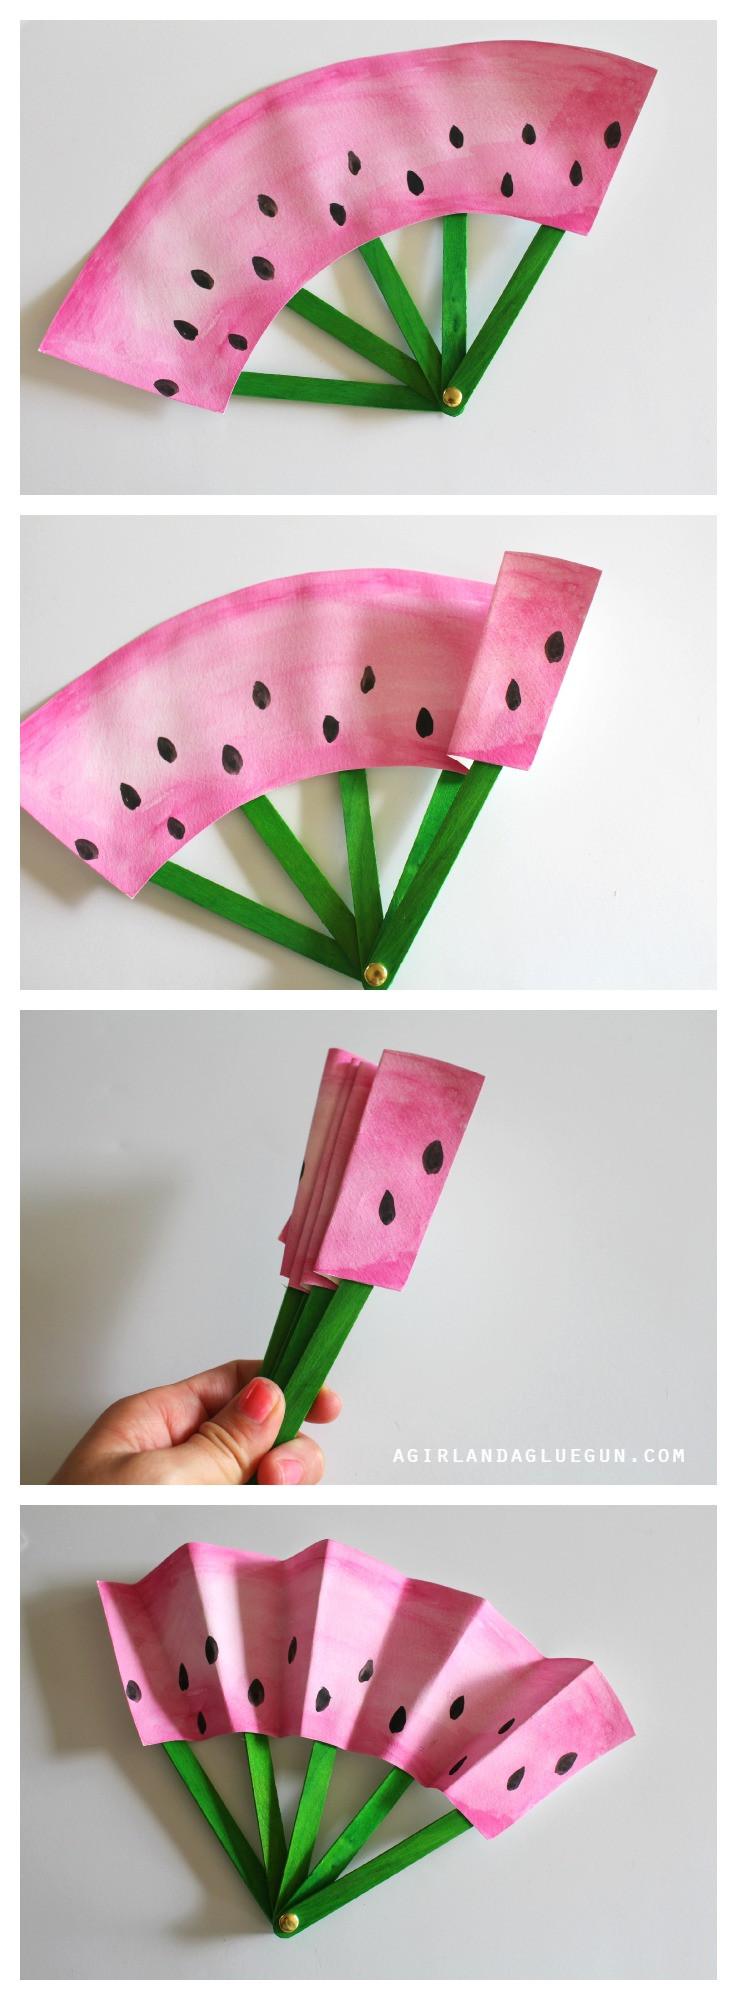 DIY Crafts For Kids  DIY Fruit Fans Kids Craft The Idea Room